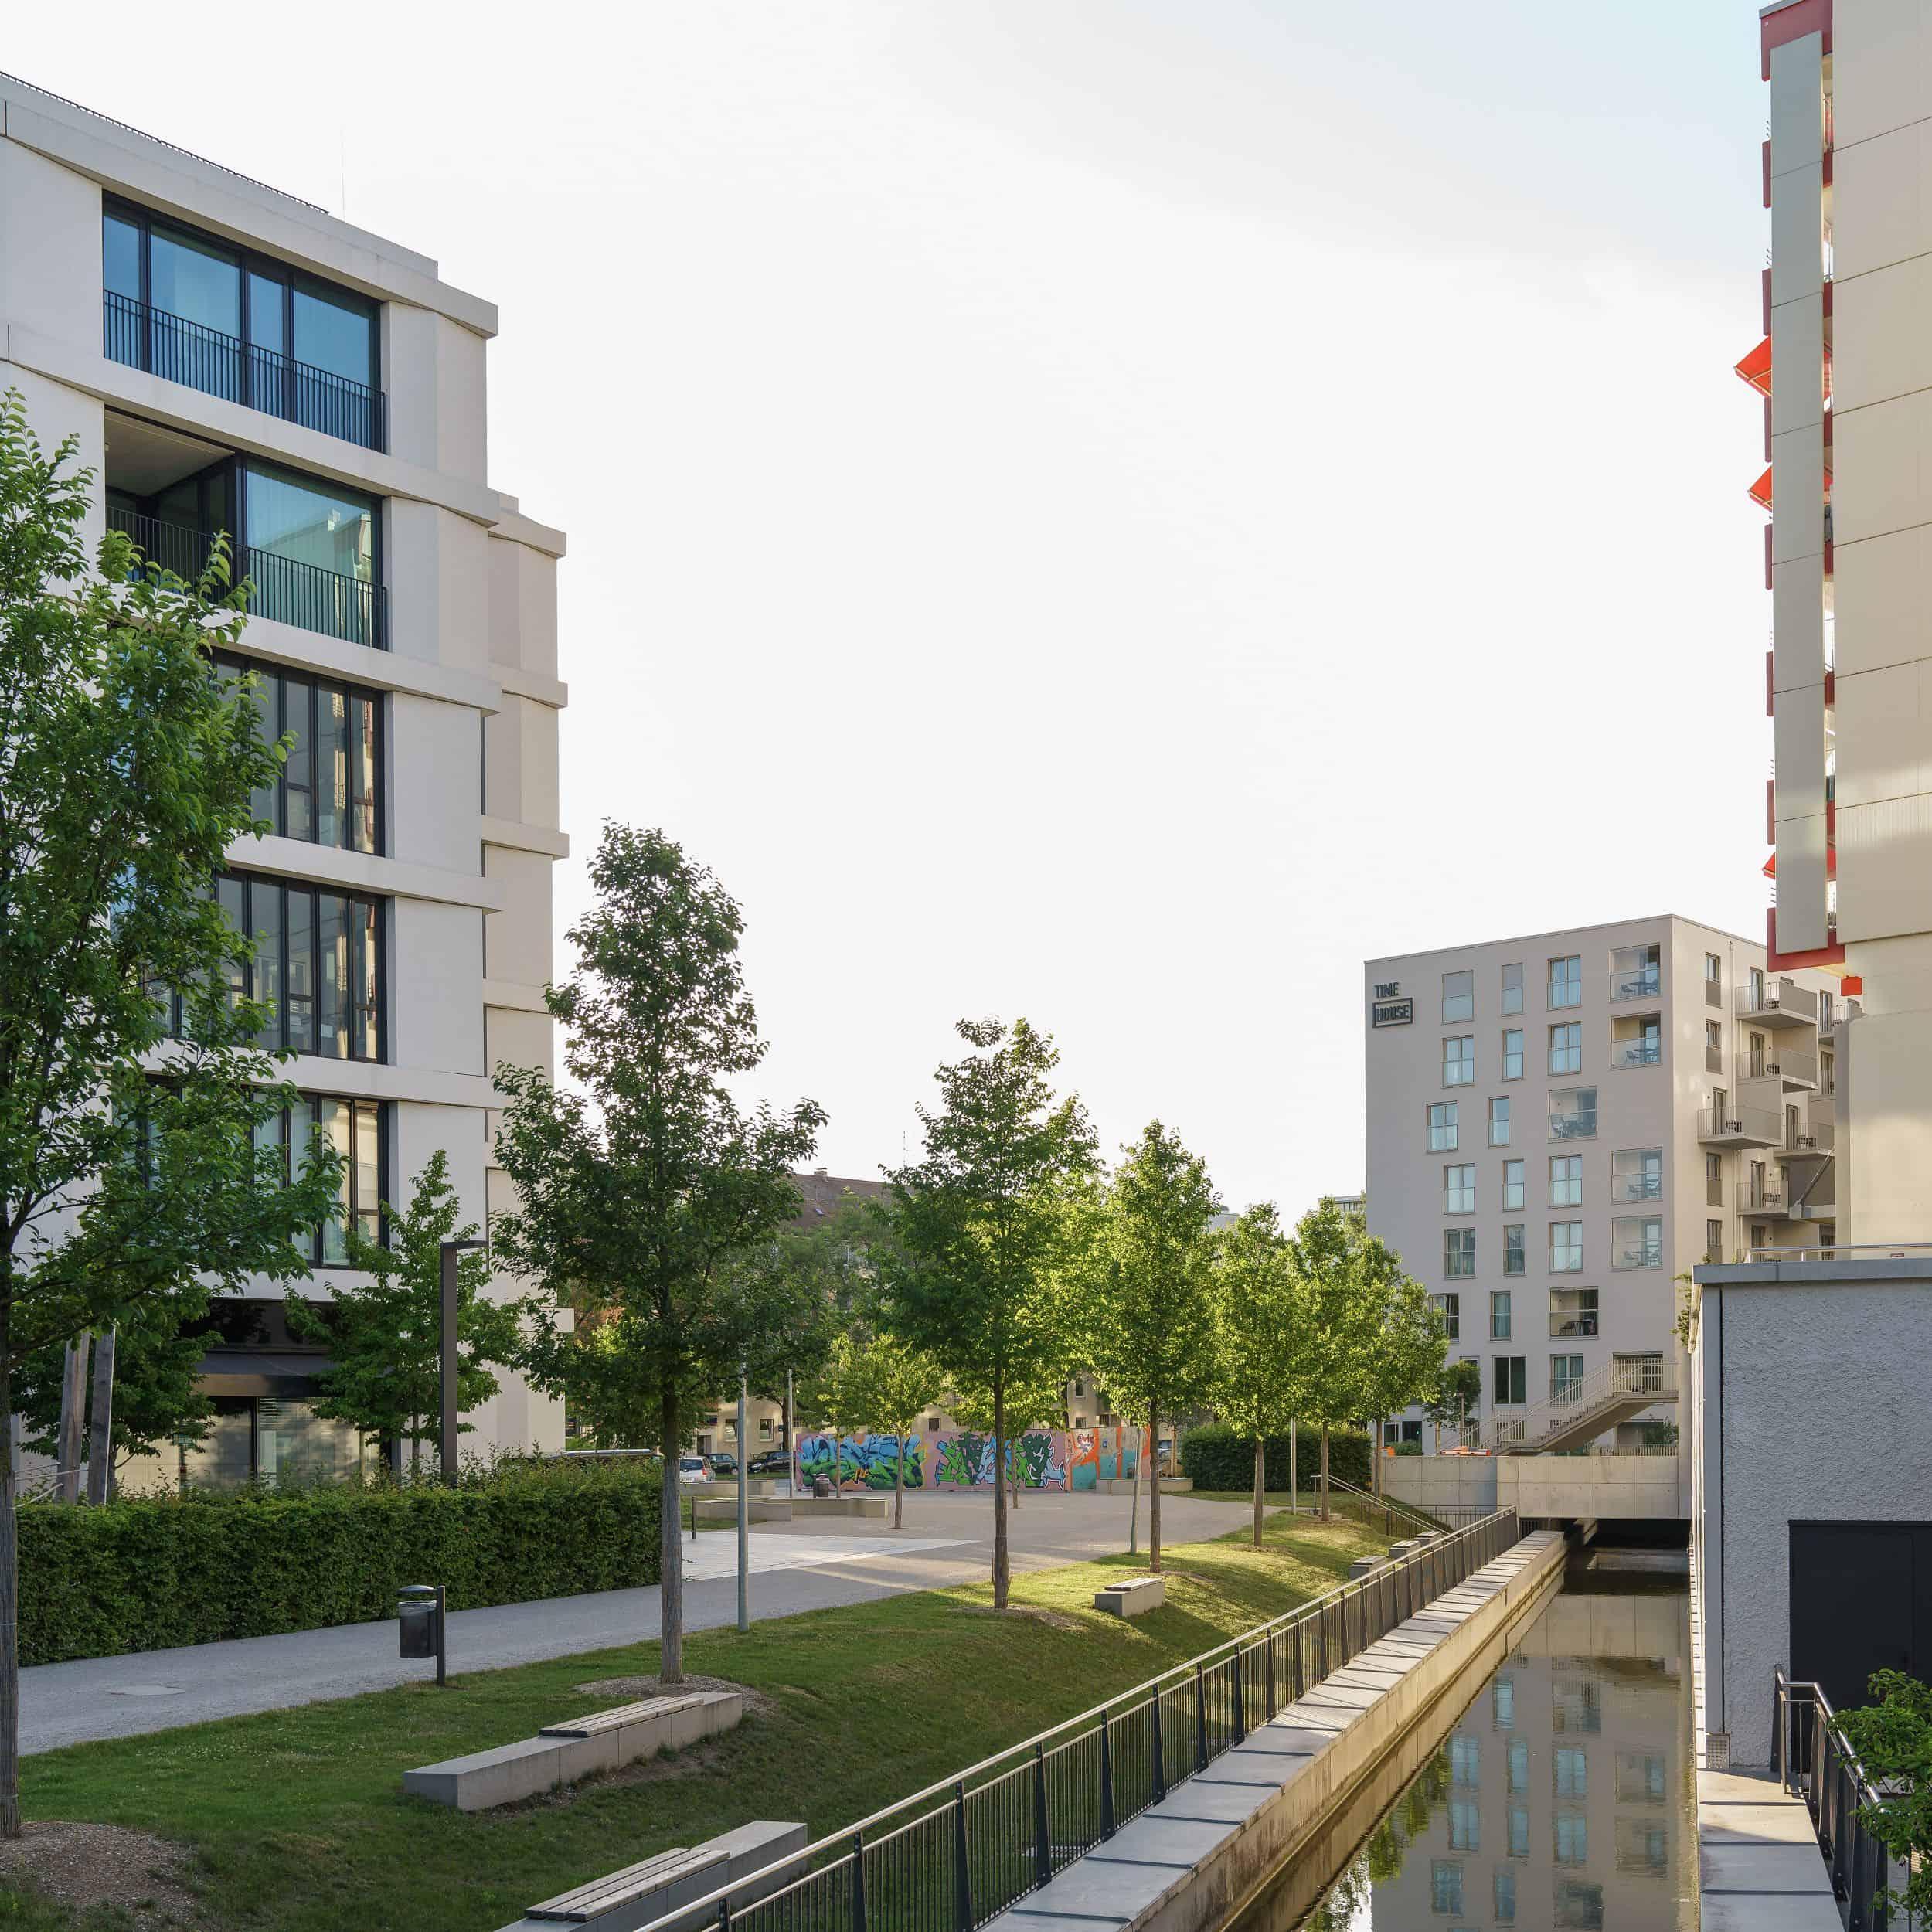 Bild: Der im Zuge des Projekts freigelegte Nymphenburg-Biedersteiner-Kanal, Foto: ver.de landschaftsarchitektur